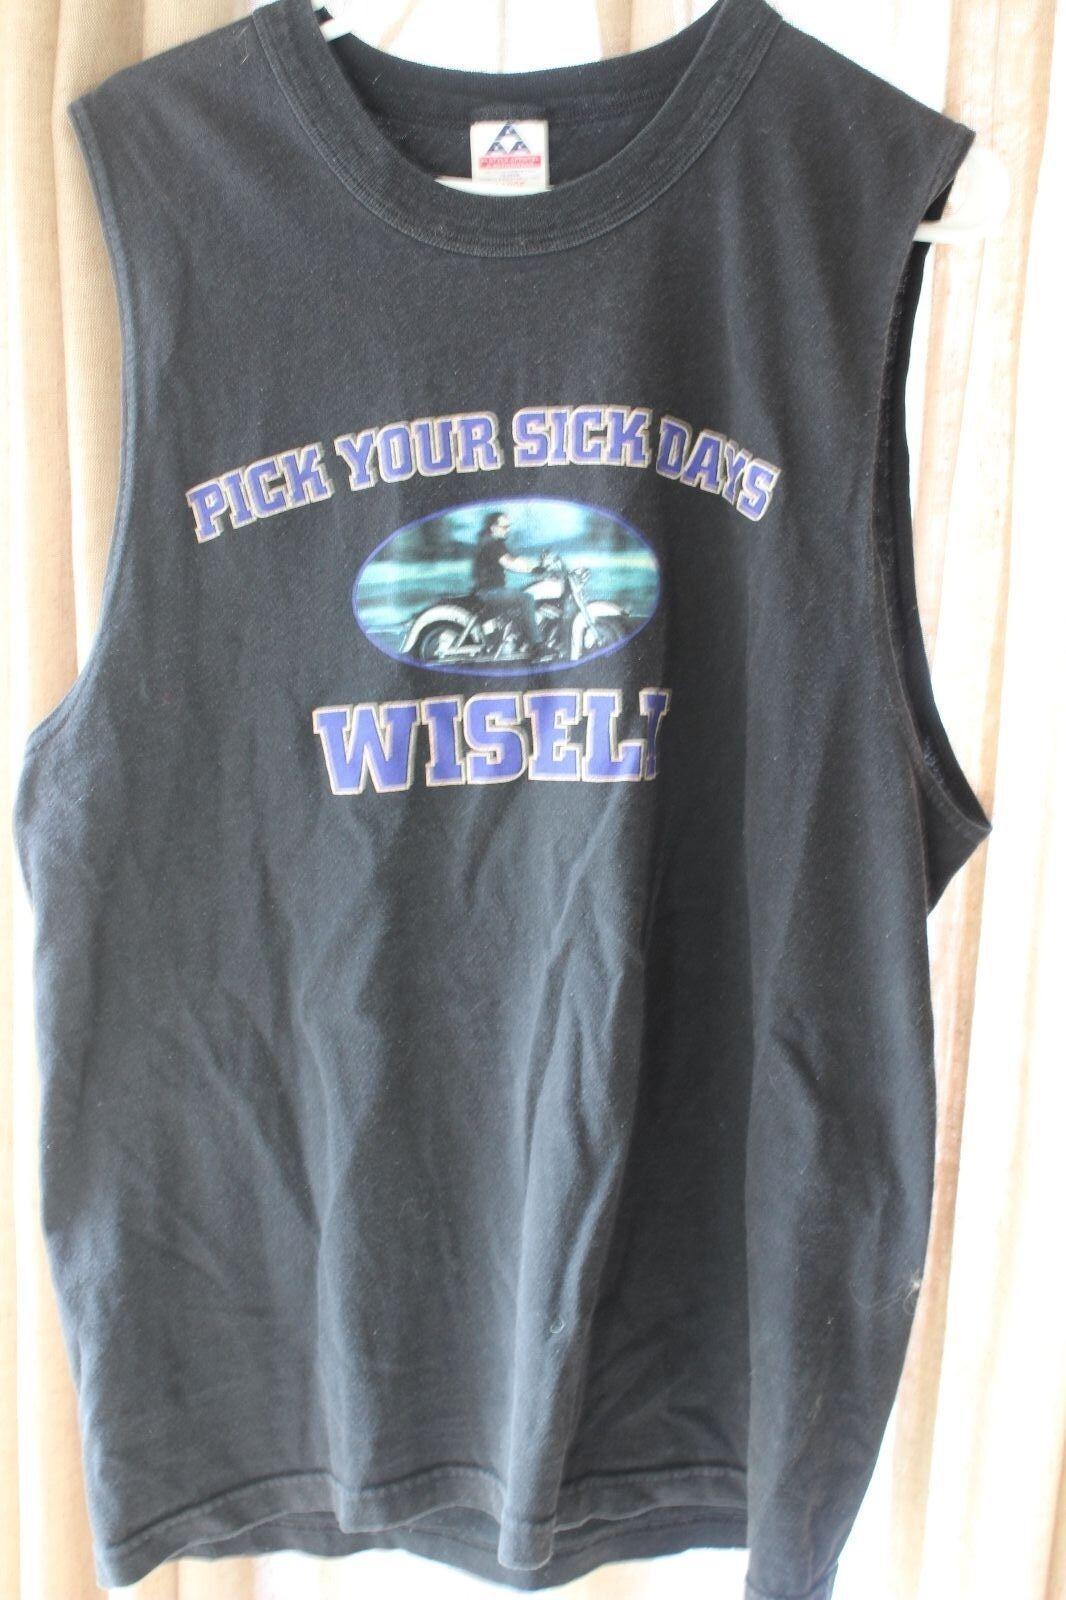 368e16d3062d 2001 Sturgis Motorcycle Shirt L Sleeveless Rally nawqbs4478-T-Shirts ...